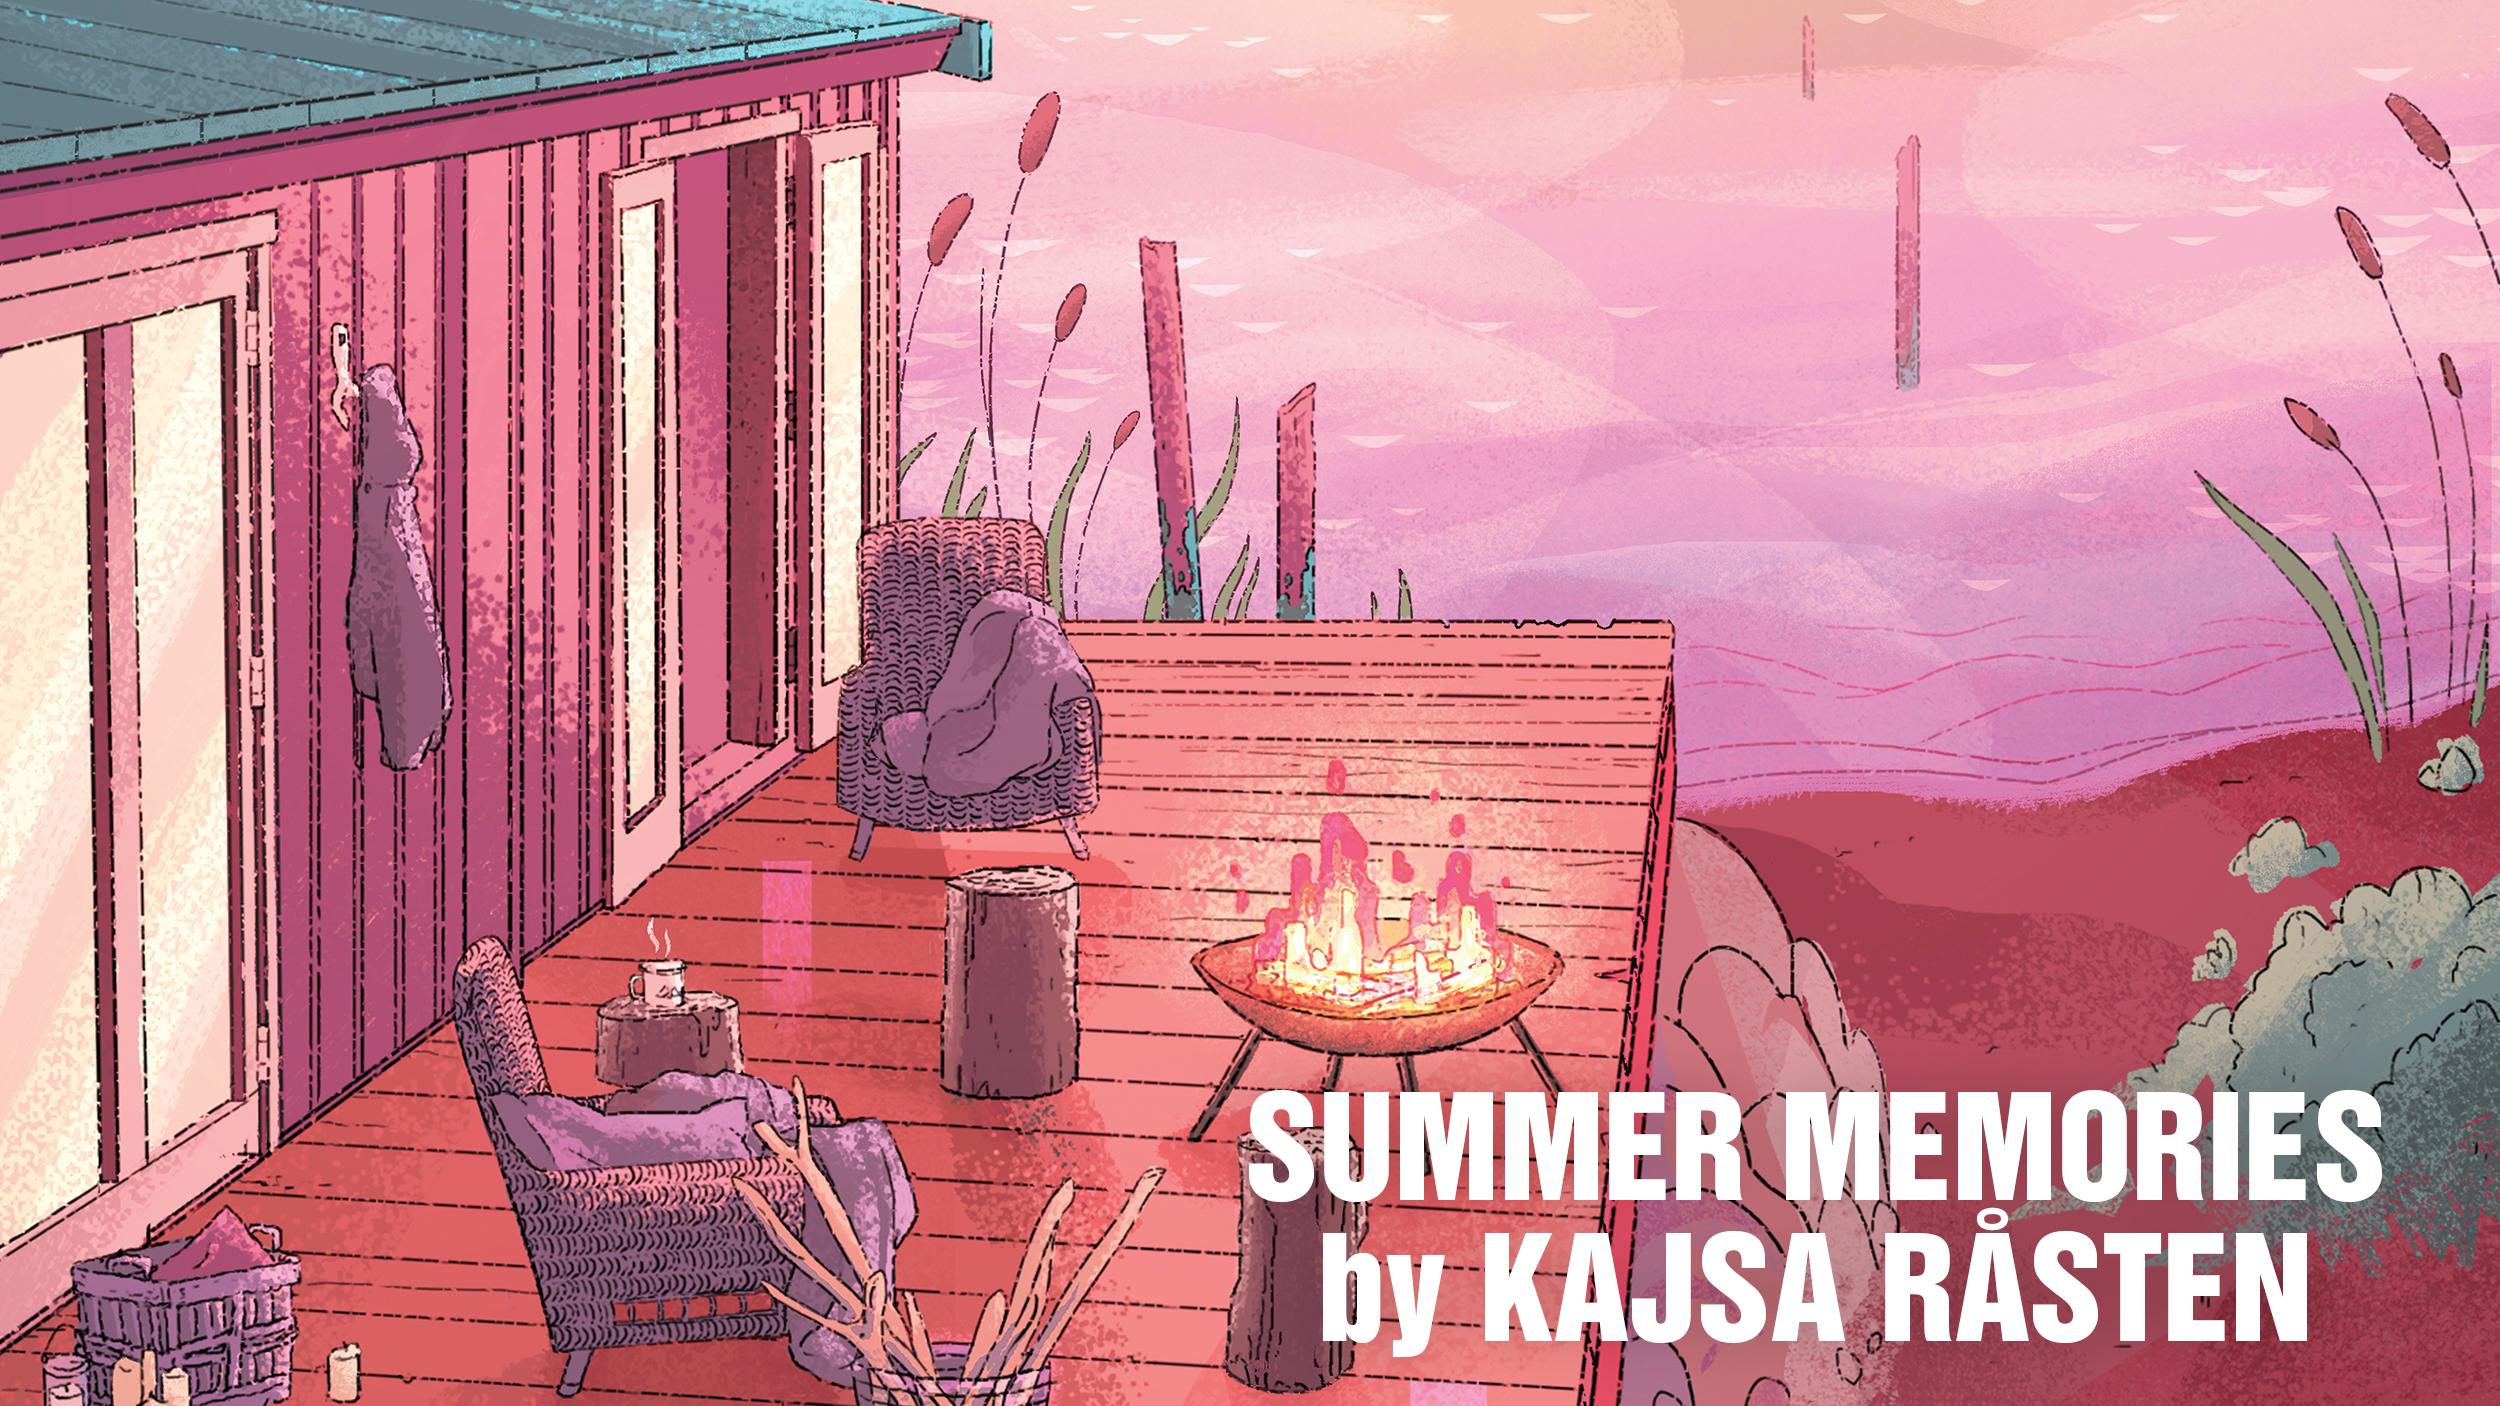 Summer-Memories-2017_by_Kajsa_Rasten_small.jpg